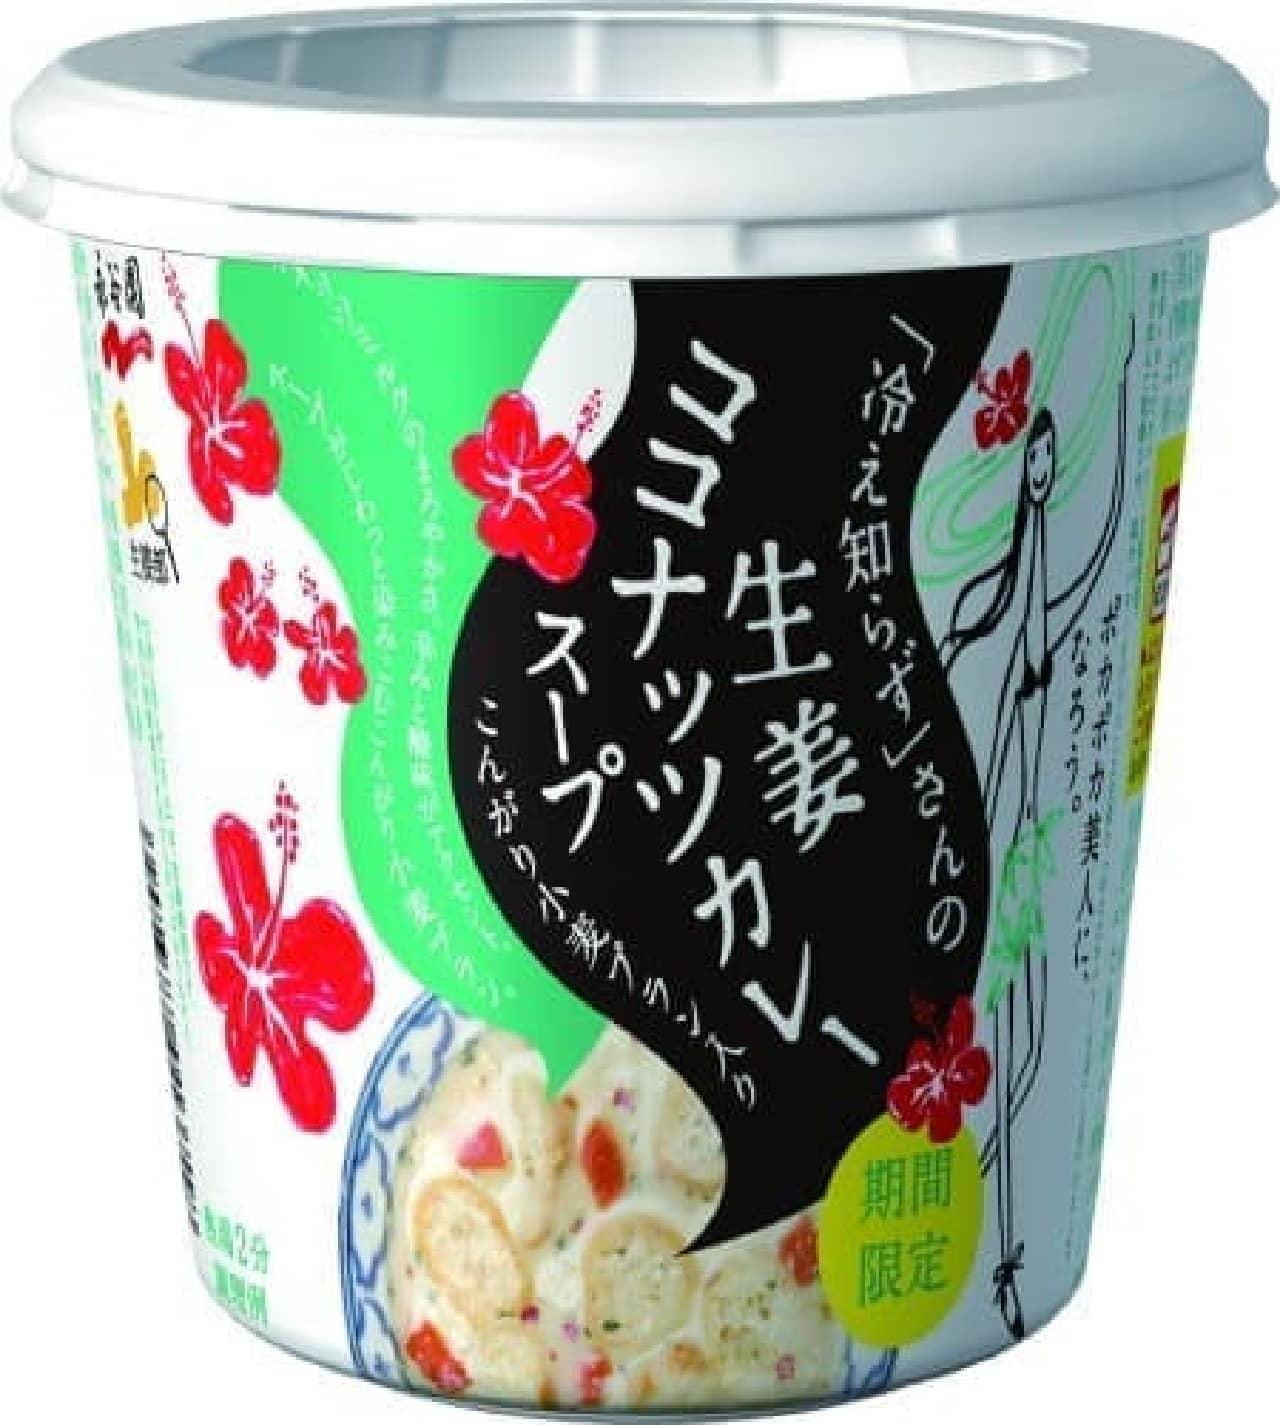 永谷園「『冷え知らず』さんの生姜ココナッツカレースープ」